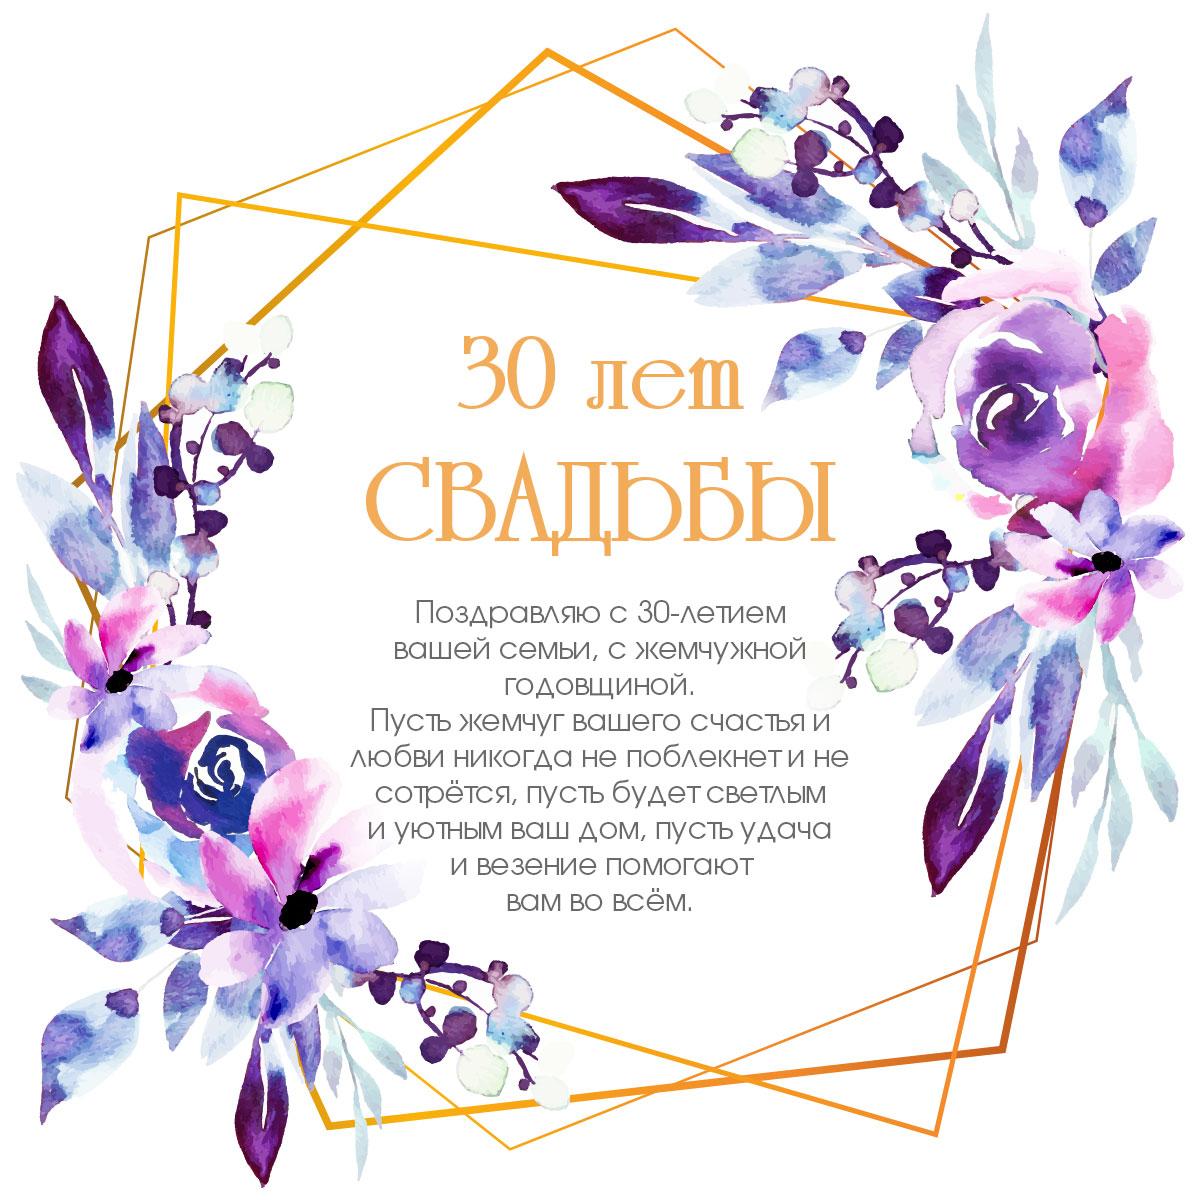 Текст поздравления на 30 лет свадьбы в золотой рамке с пурпурными цветами.